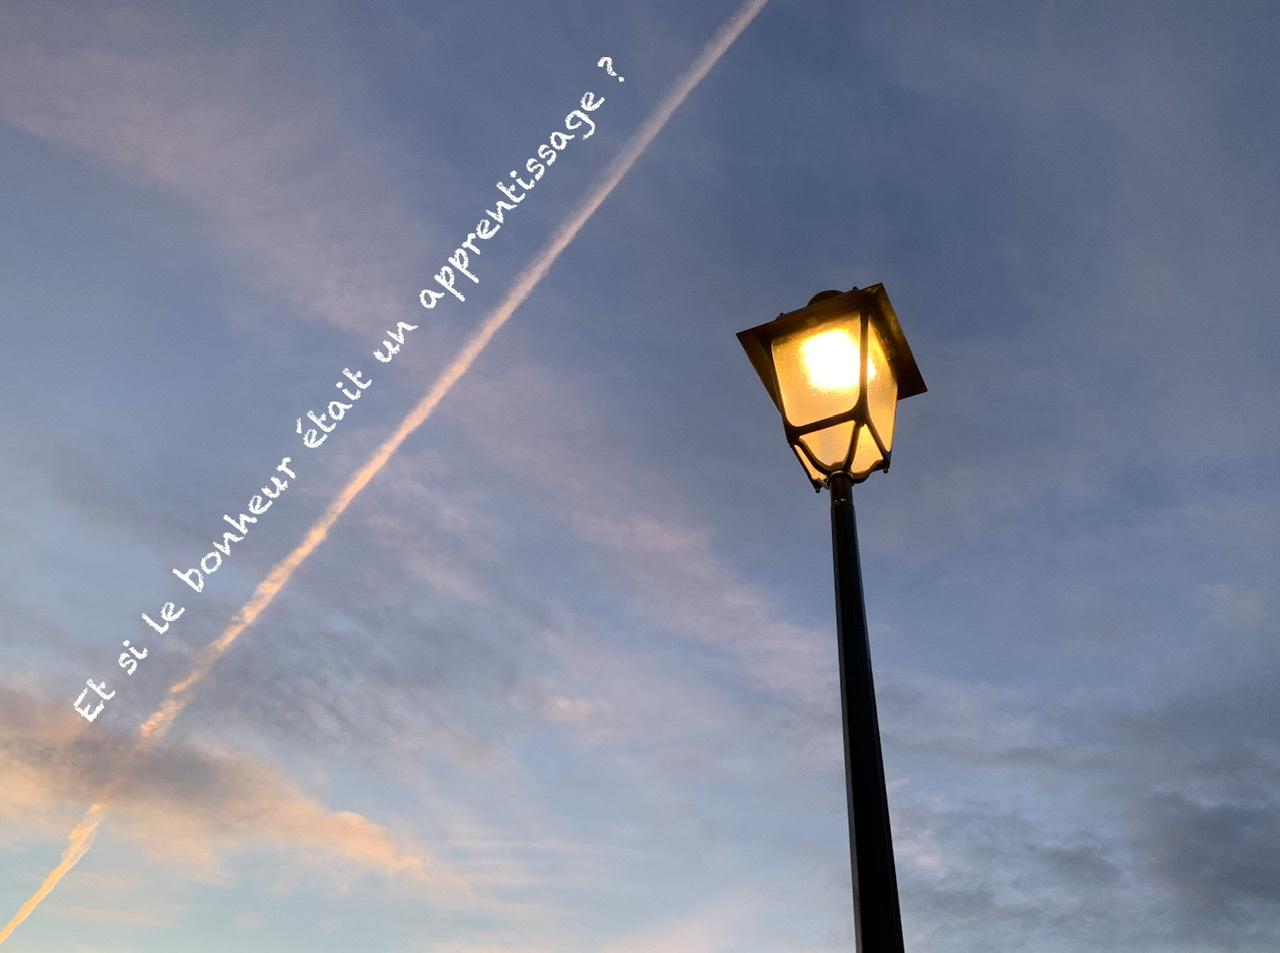 Citation sur un fond de ciel à la tombée de la nuit, éclairé par un lampadaire